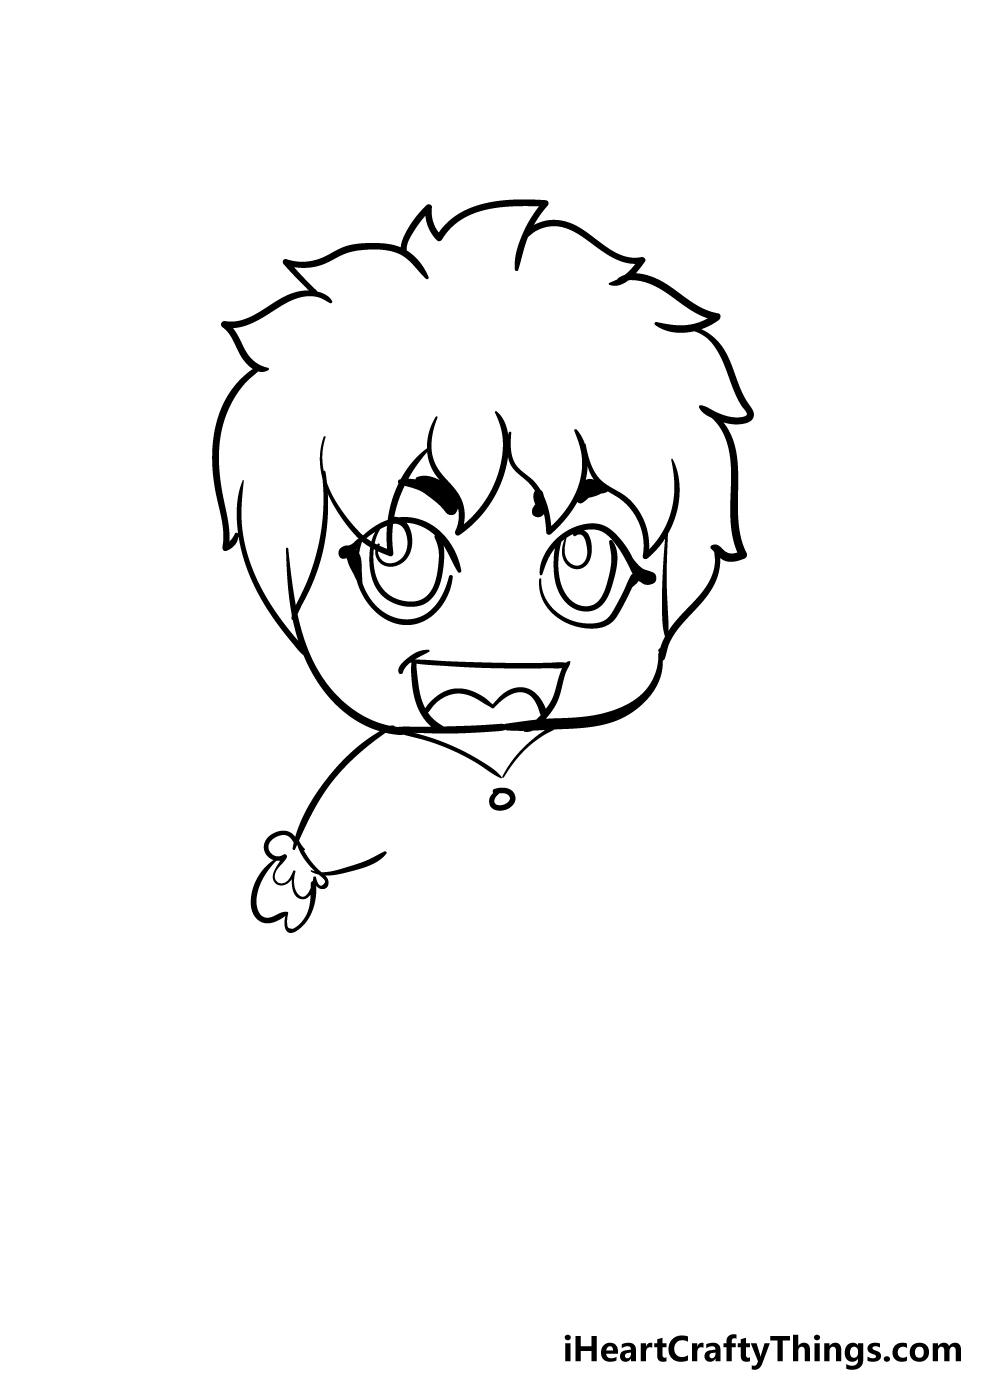 chibi drawing step 7